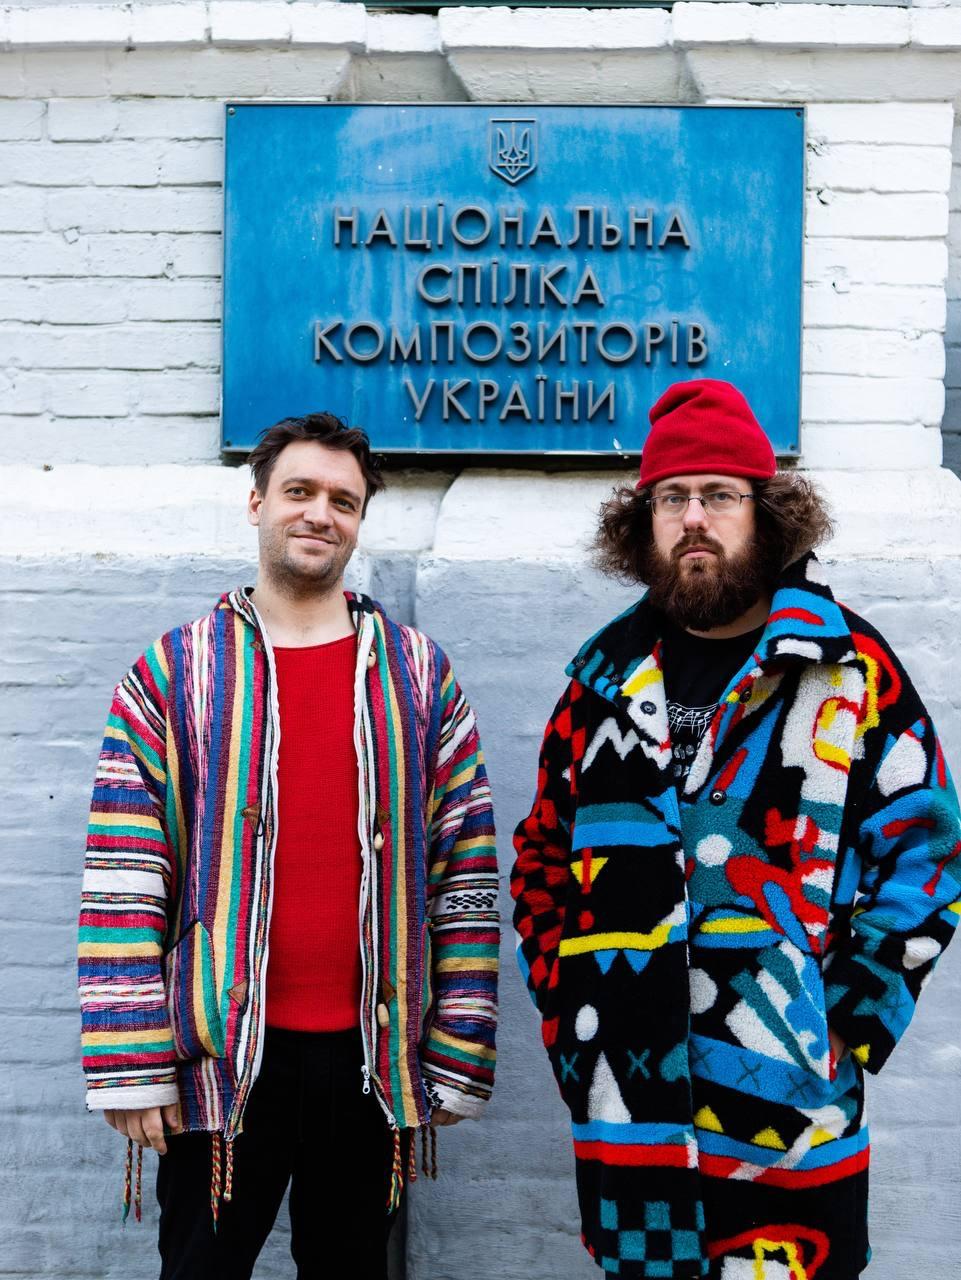 Композиторы Роман Грыгорив и Илья Разумейко представят музыкальный театр OPERA LINGUA - фото №1